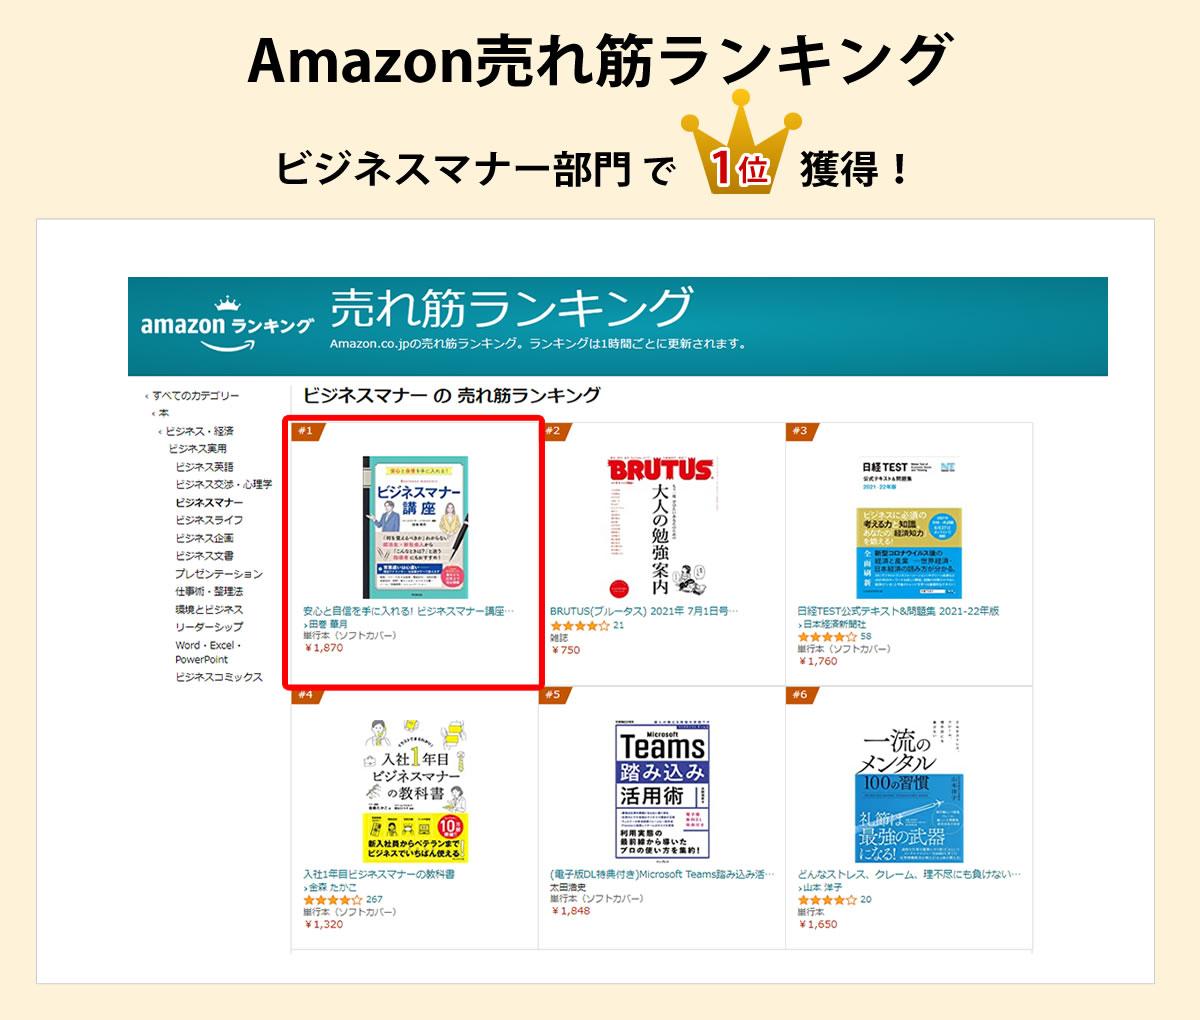 Amazon売れ筋ランキングビジネスマナー部門で1位獲得!